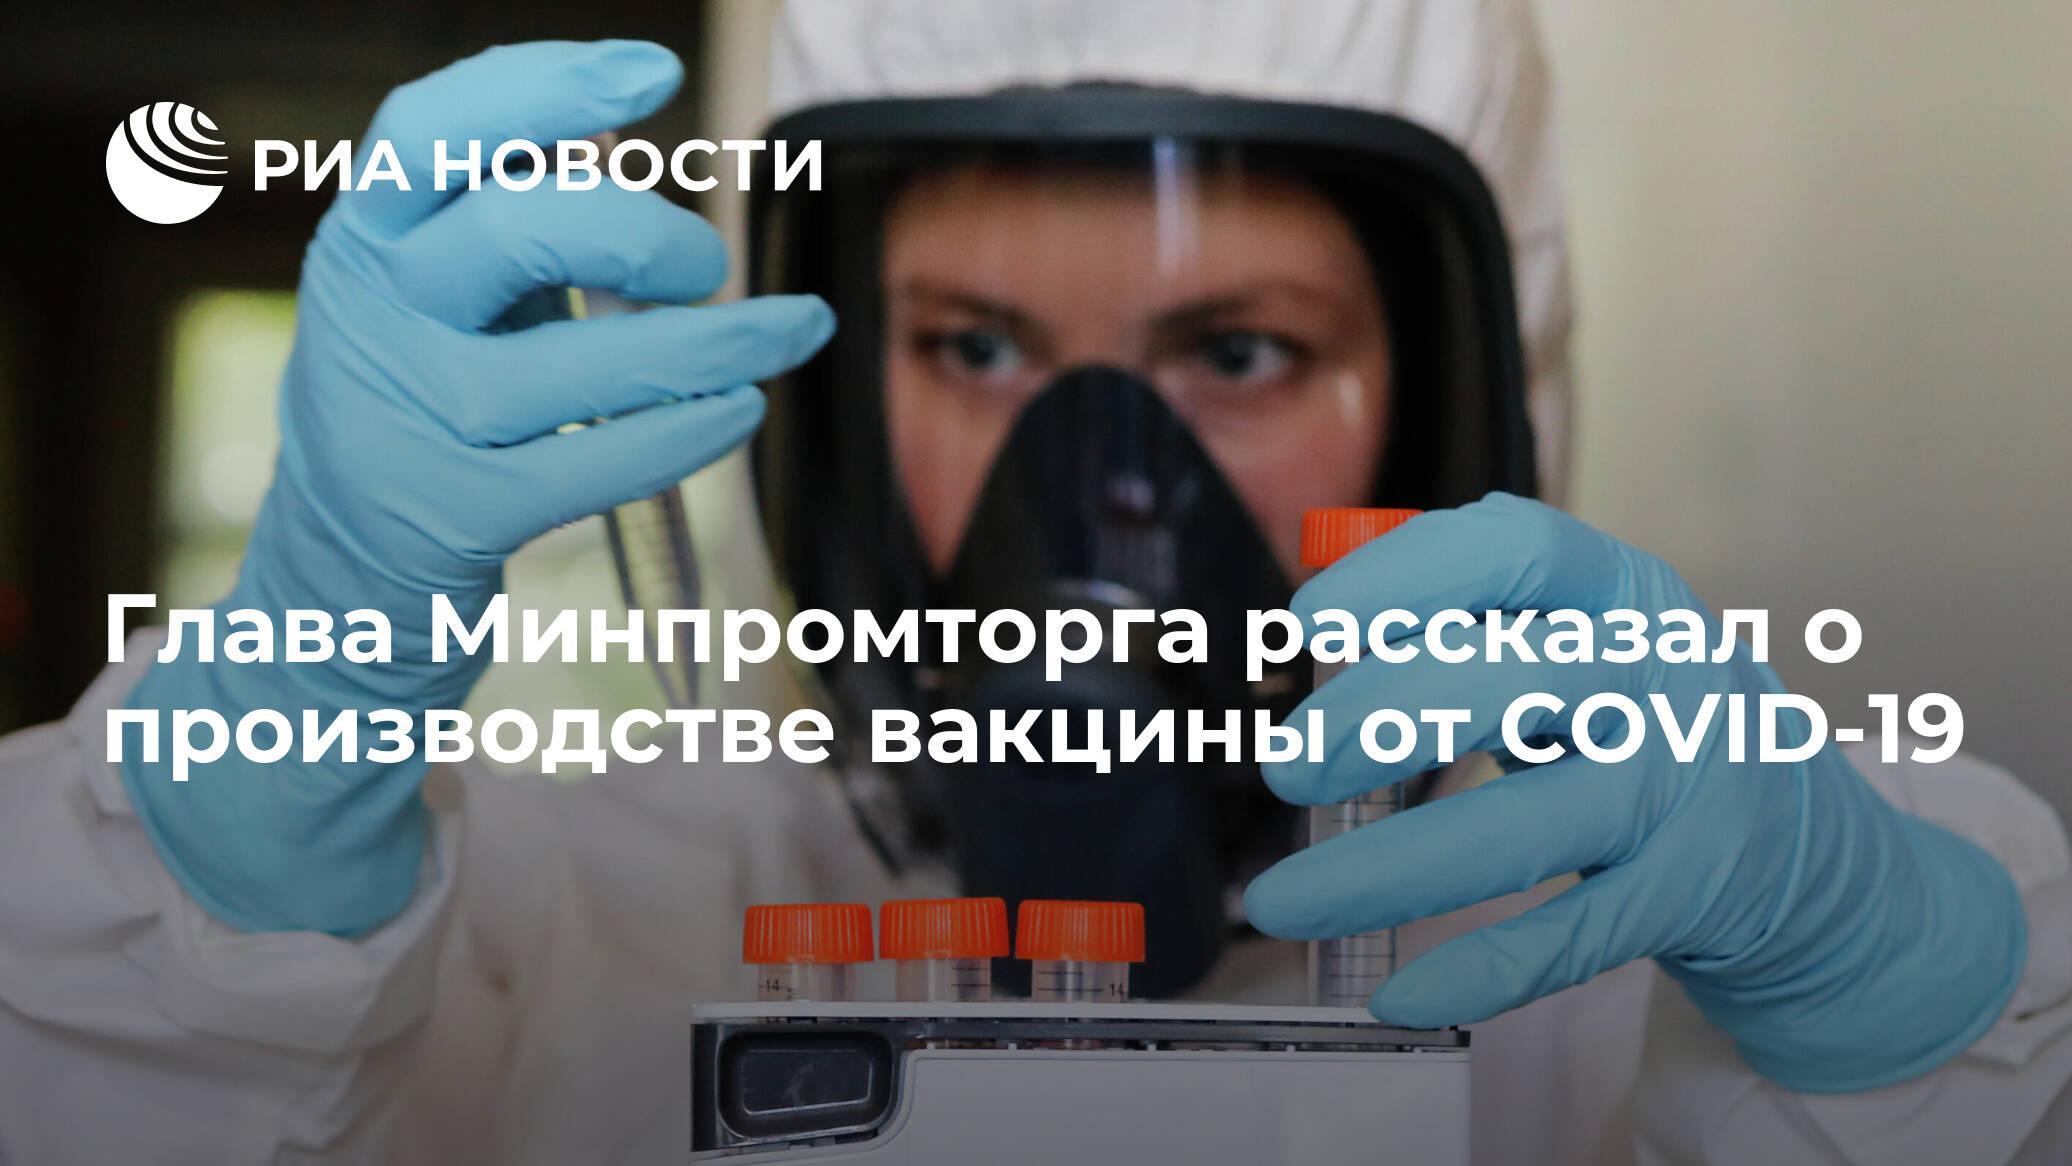 Глава Минпромторга рассказал о производстве вакцины от COVID-19